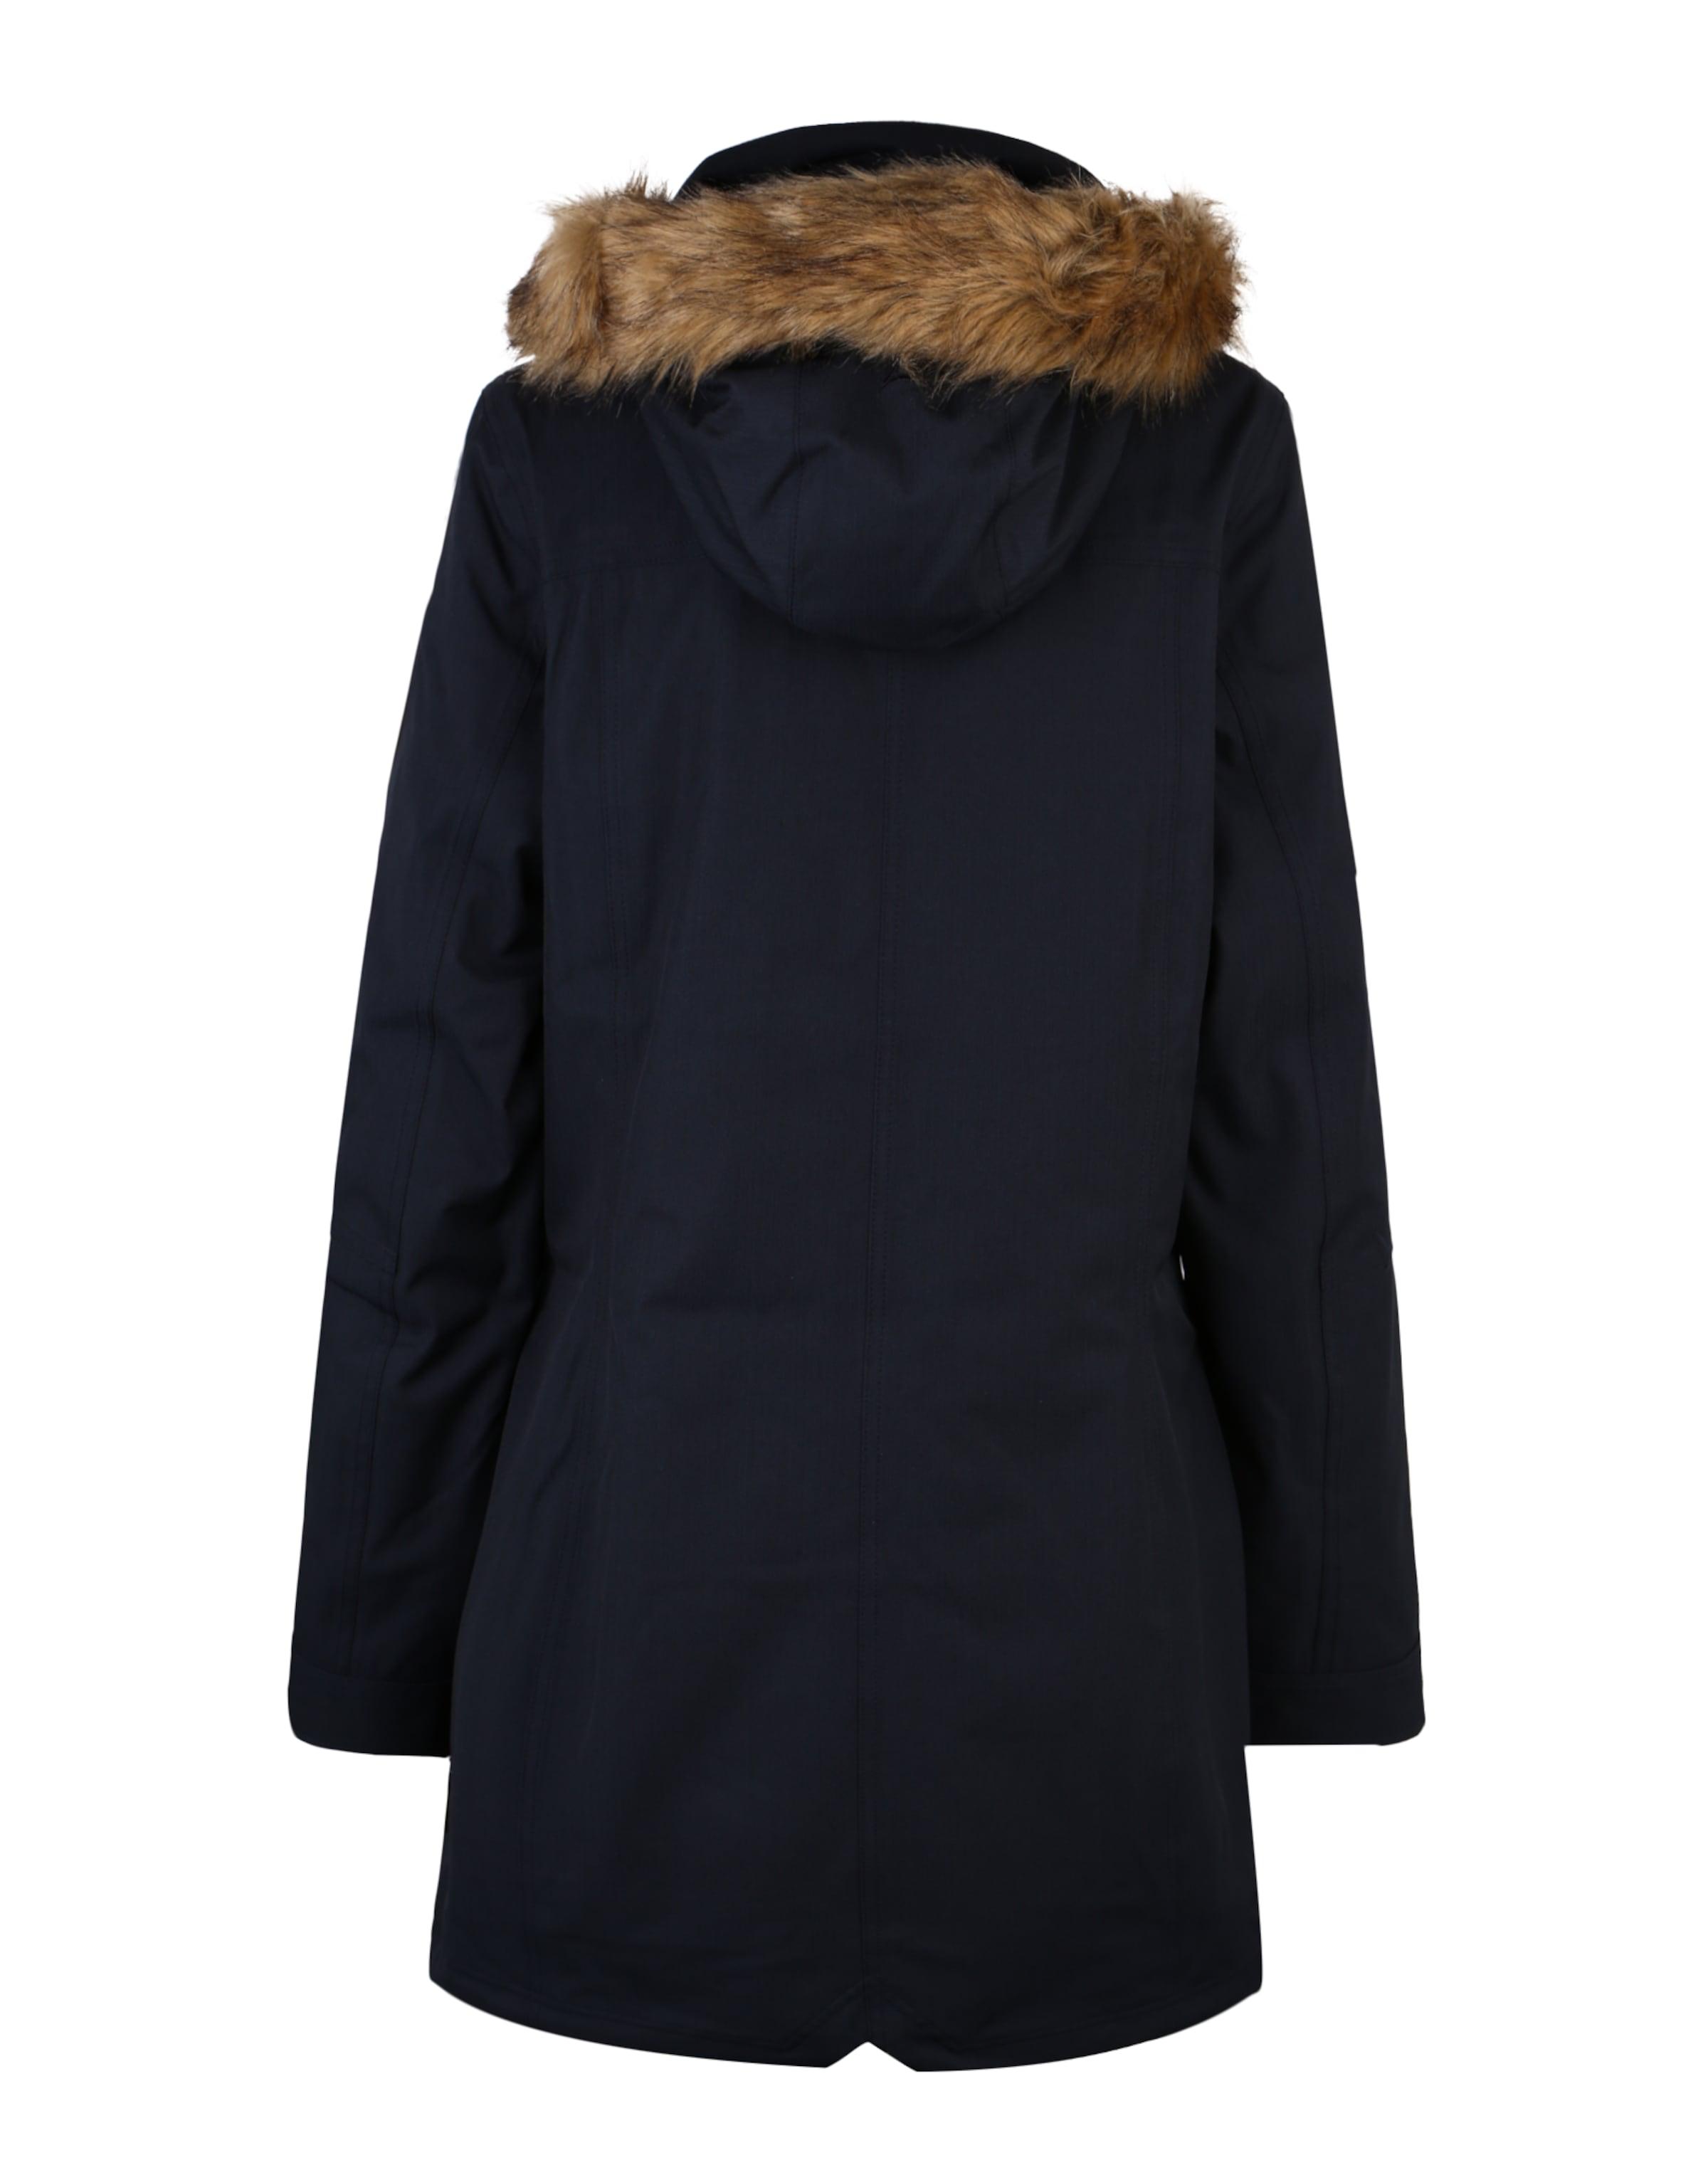 Neue Ankunft Günstiger Preis Schöffel Jacke 'Genova' Mode-Stil Günstig Online Klassische Online Billig Bester Laden Zu Bekommen Bpy2r8ESTw